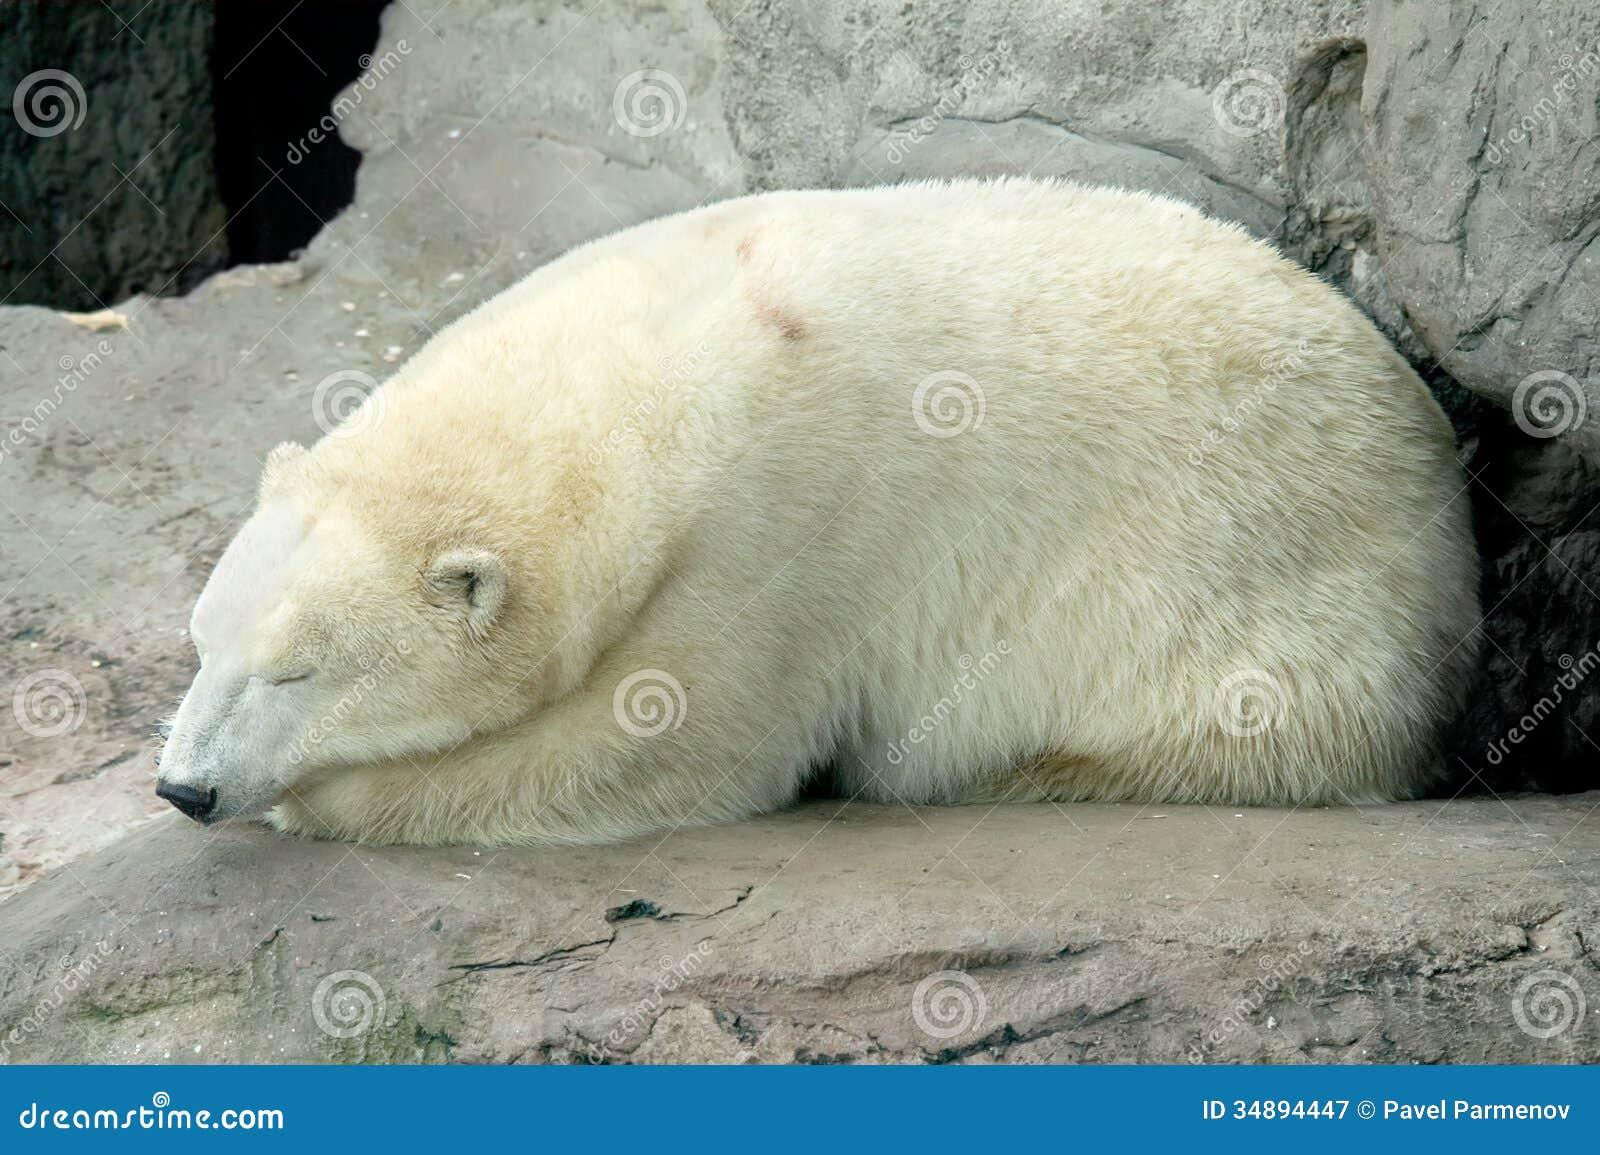 补水北极熊面膜是动物园笼子.碧素堂露天蜗牛休息修护精华怎么样图片